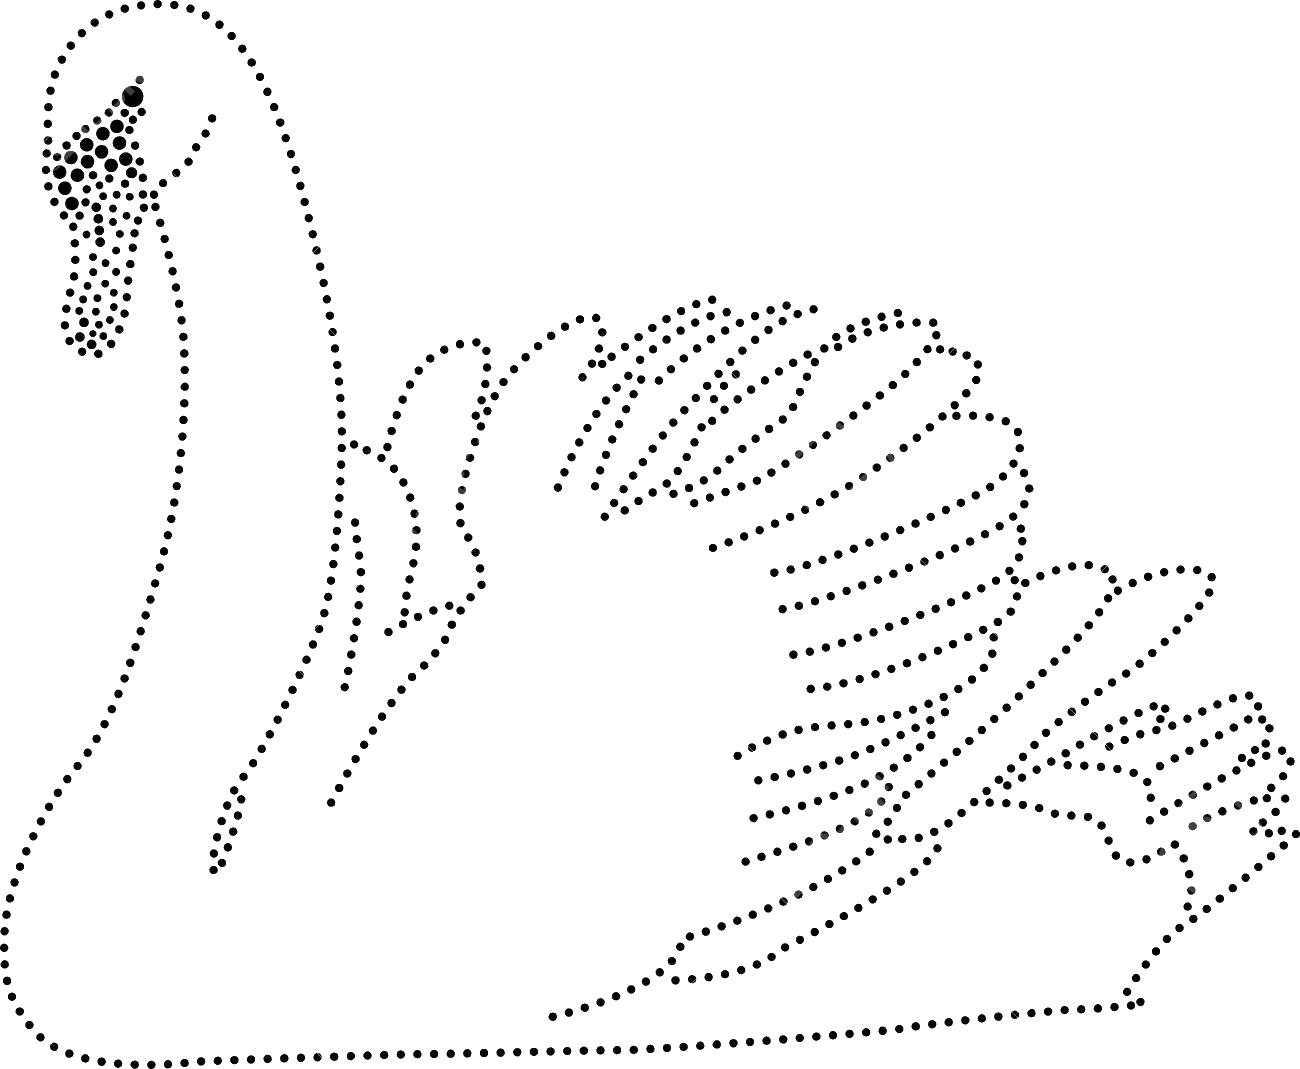 Лебедь точечный контур